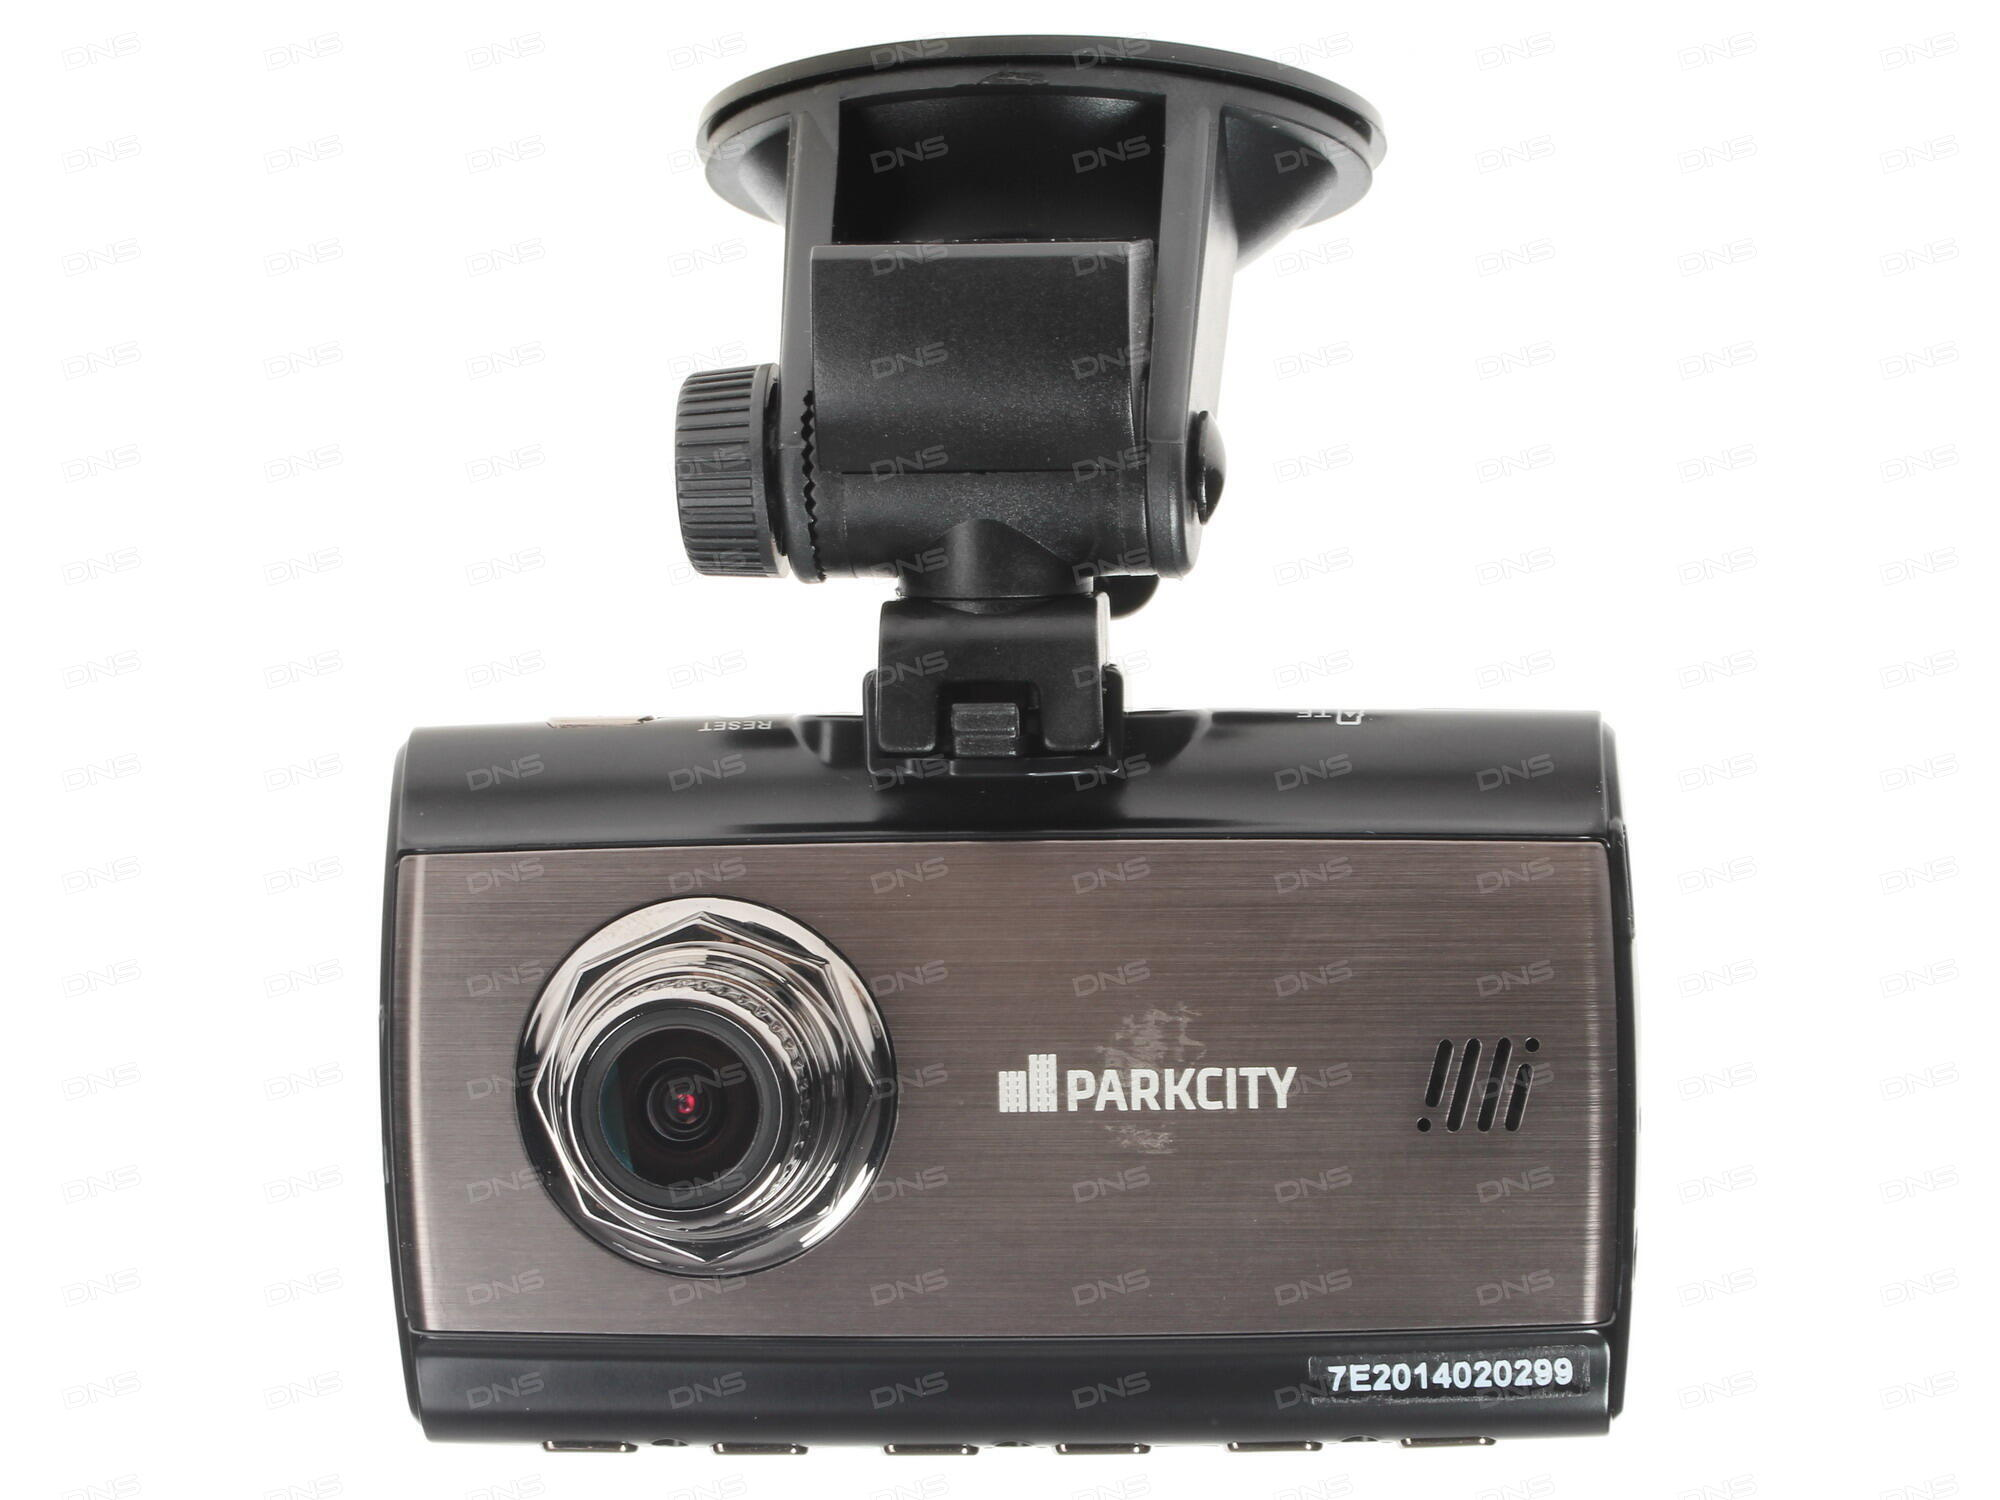 Parkcity dvr hd 750 видеорегистратор отзывы